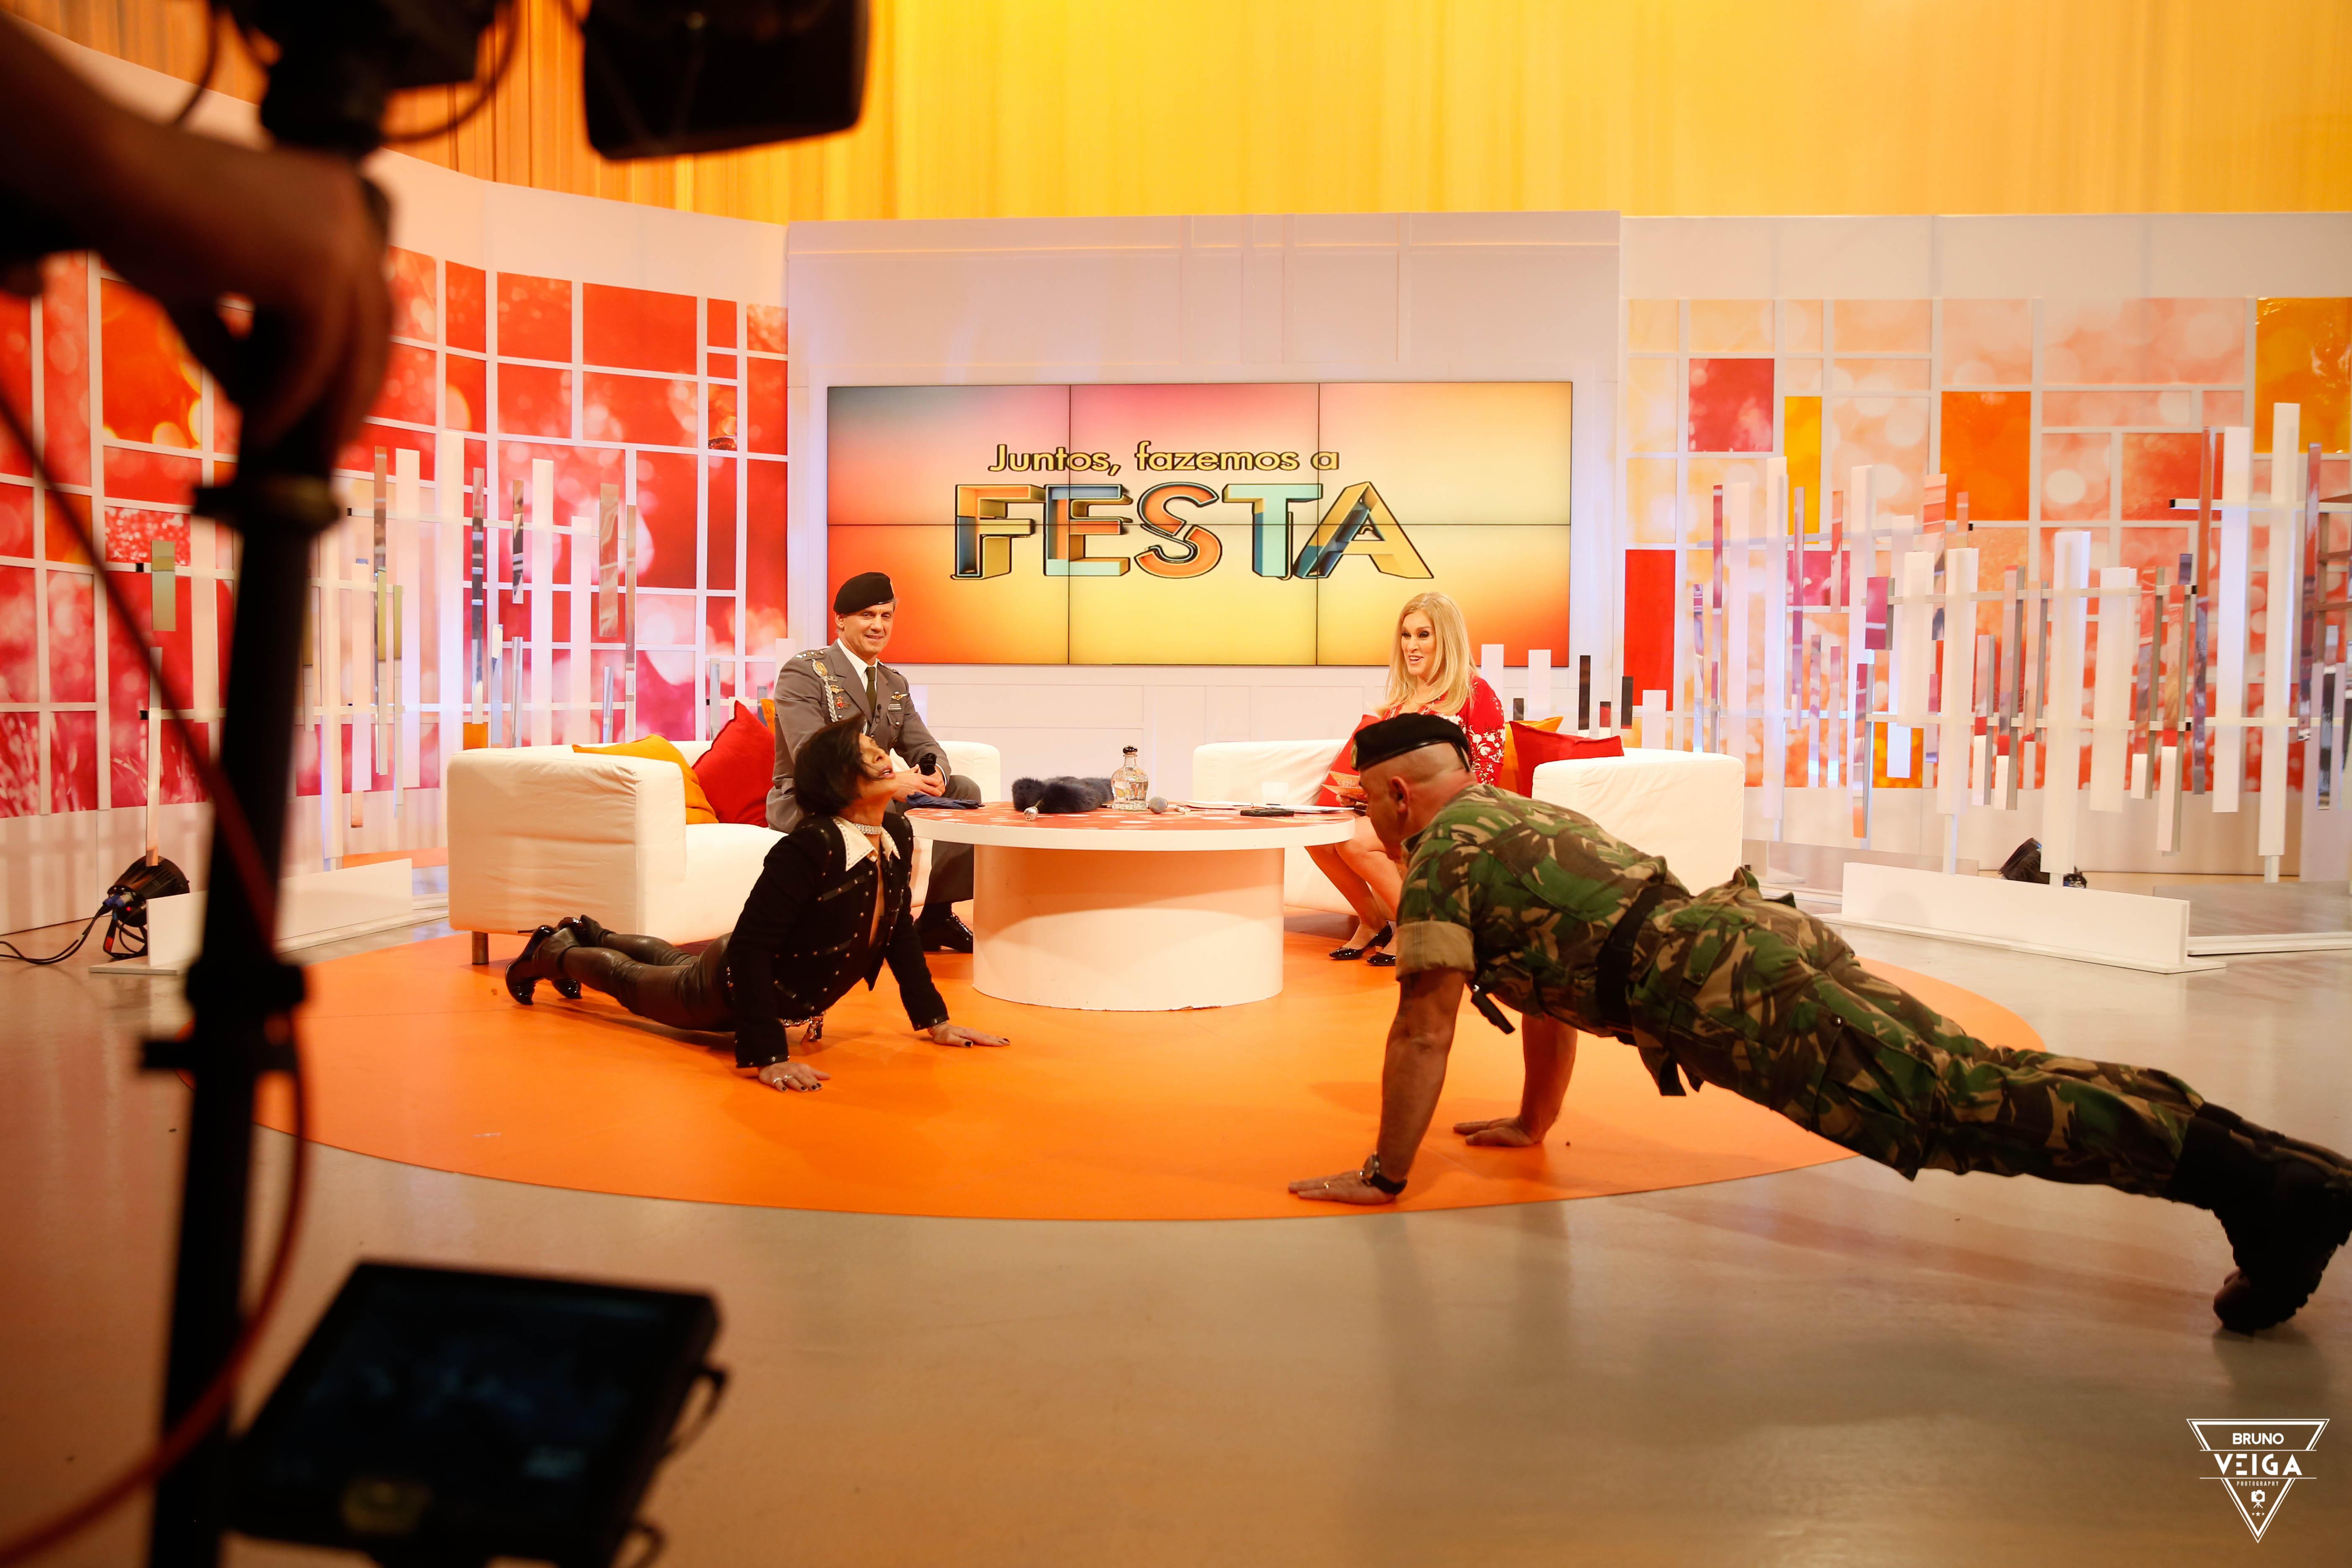 Teresa Guilherme nos bastidores da televisão - José Castelo Branco a fazer flexões